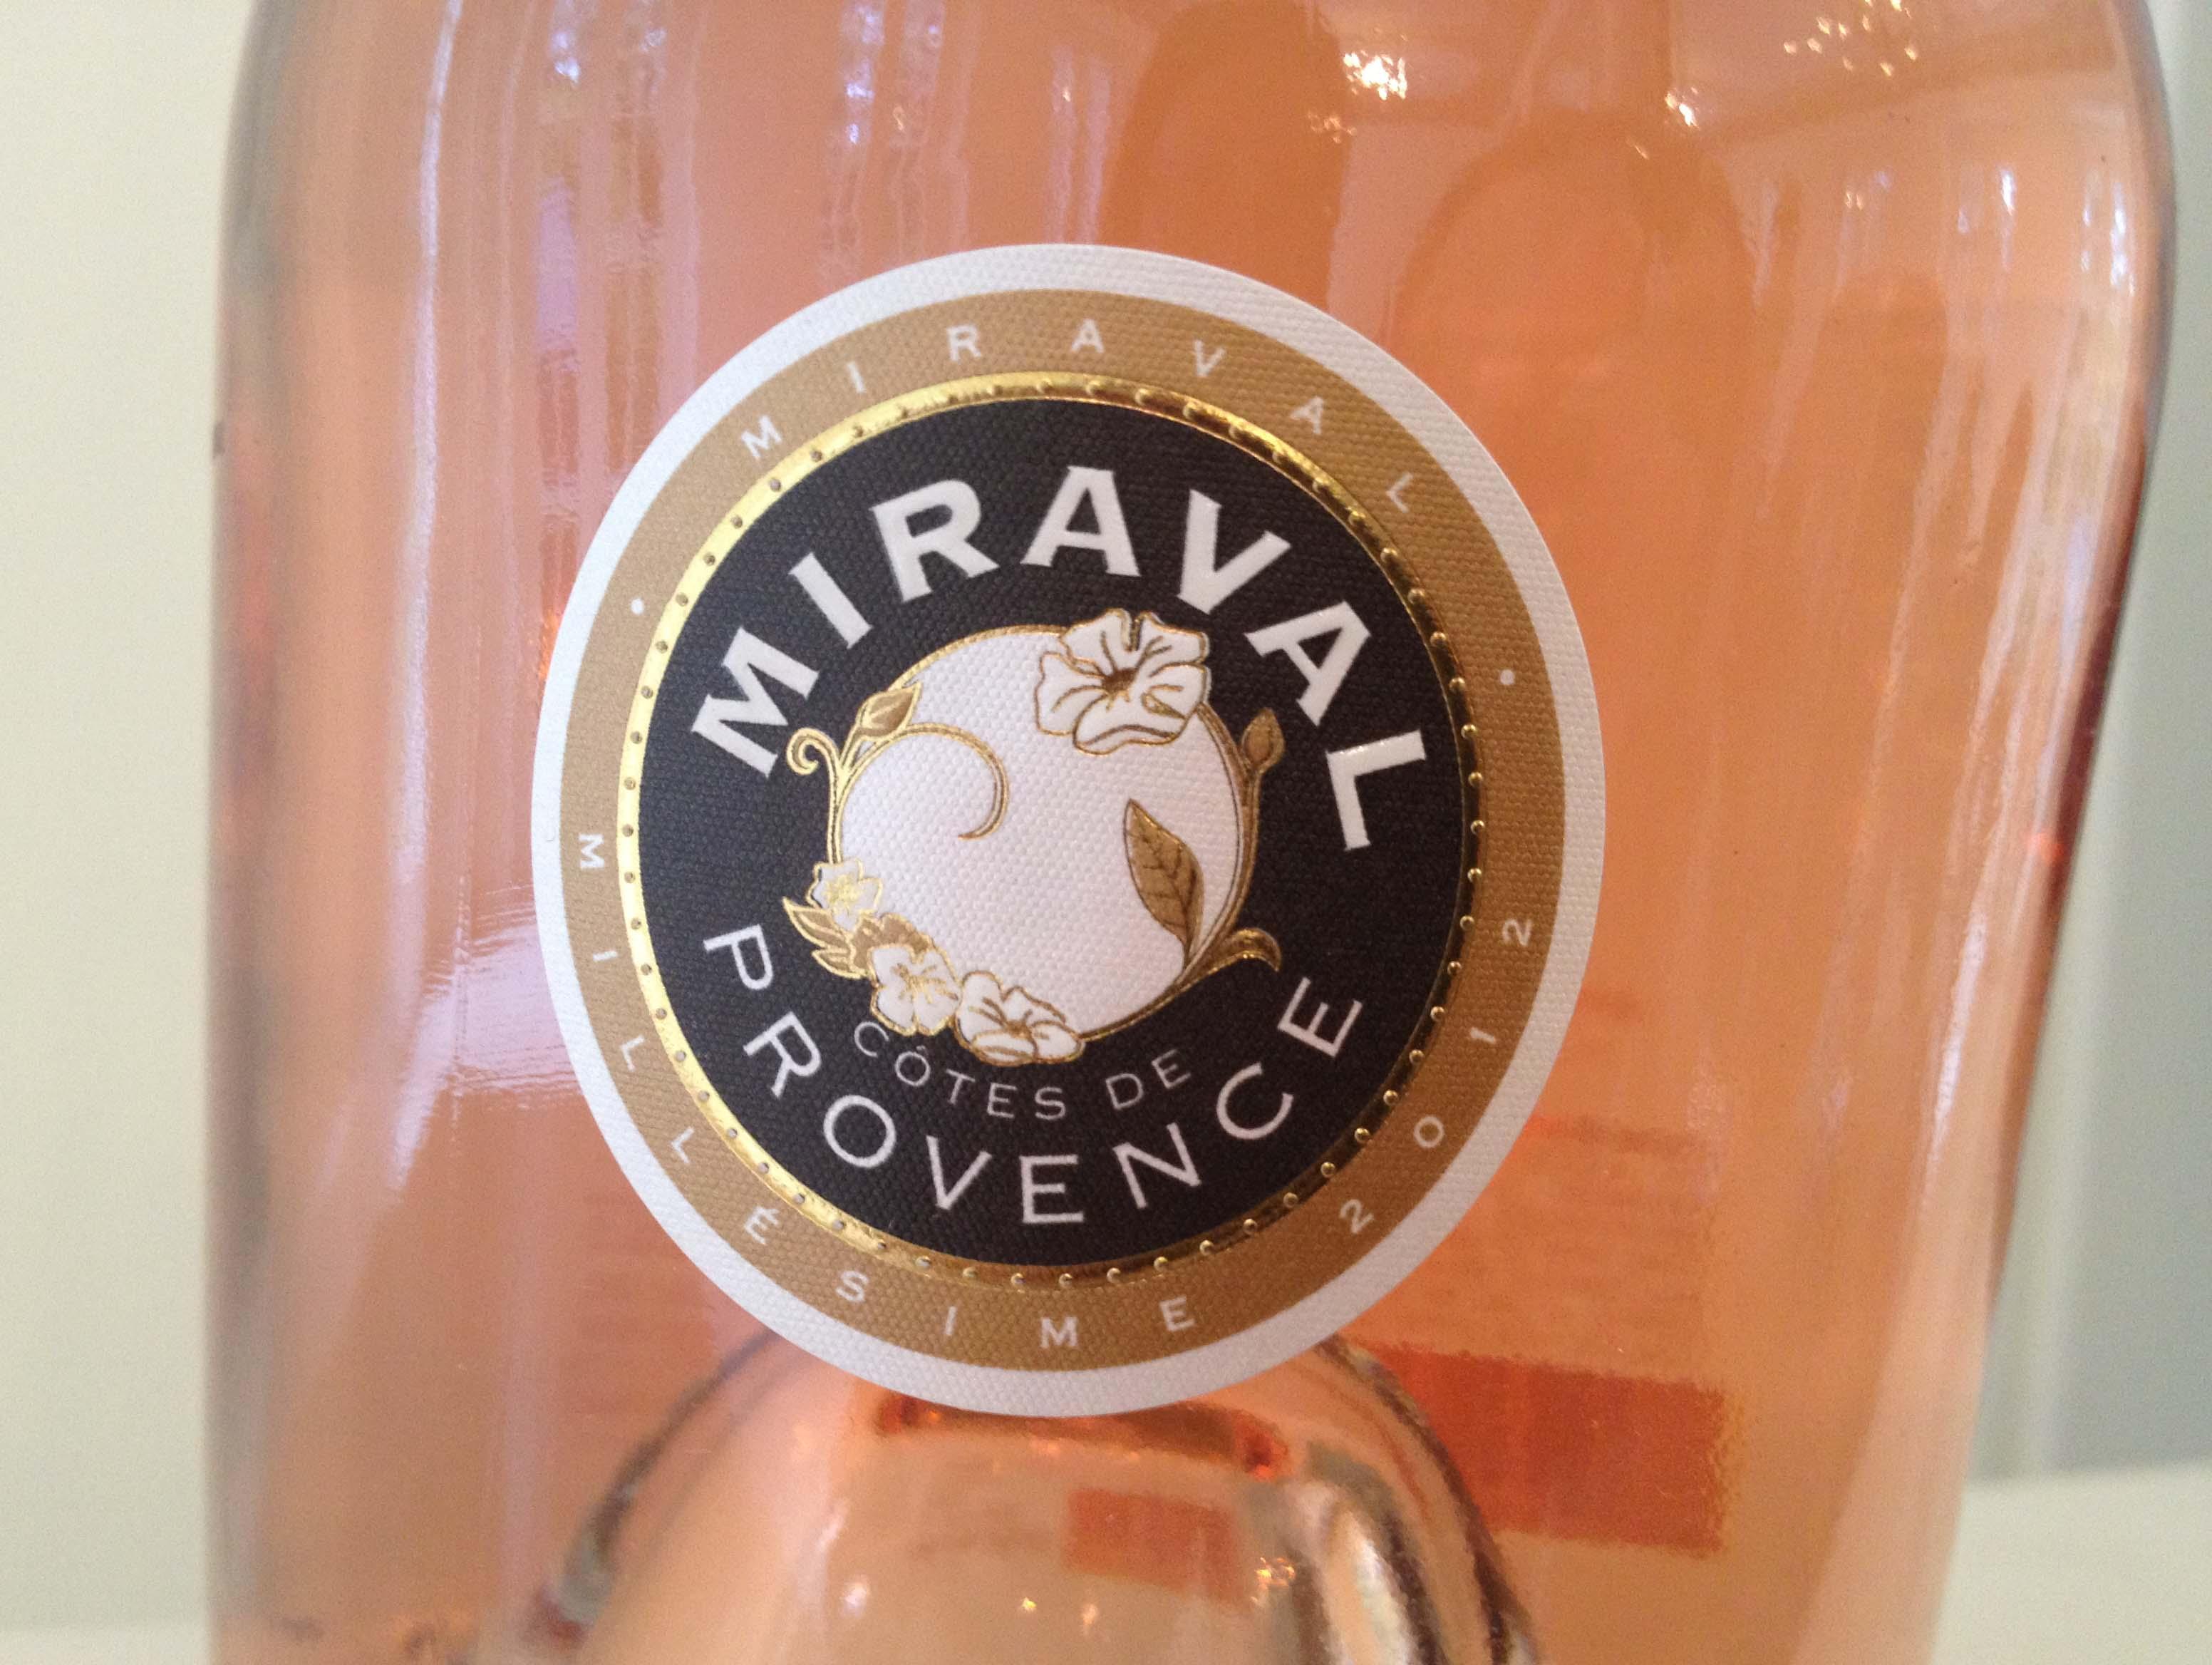 皮特-朱莉酒庄普罗旺斯桃红葡萄酒Chateau Miraval Rose